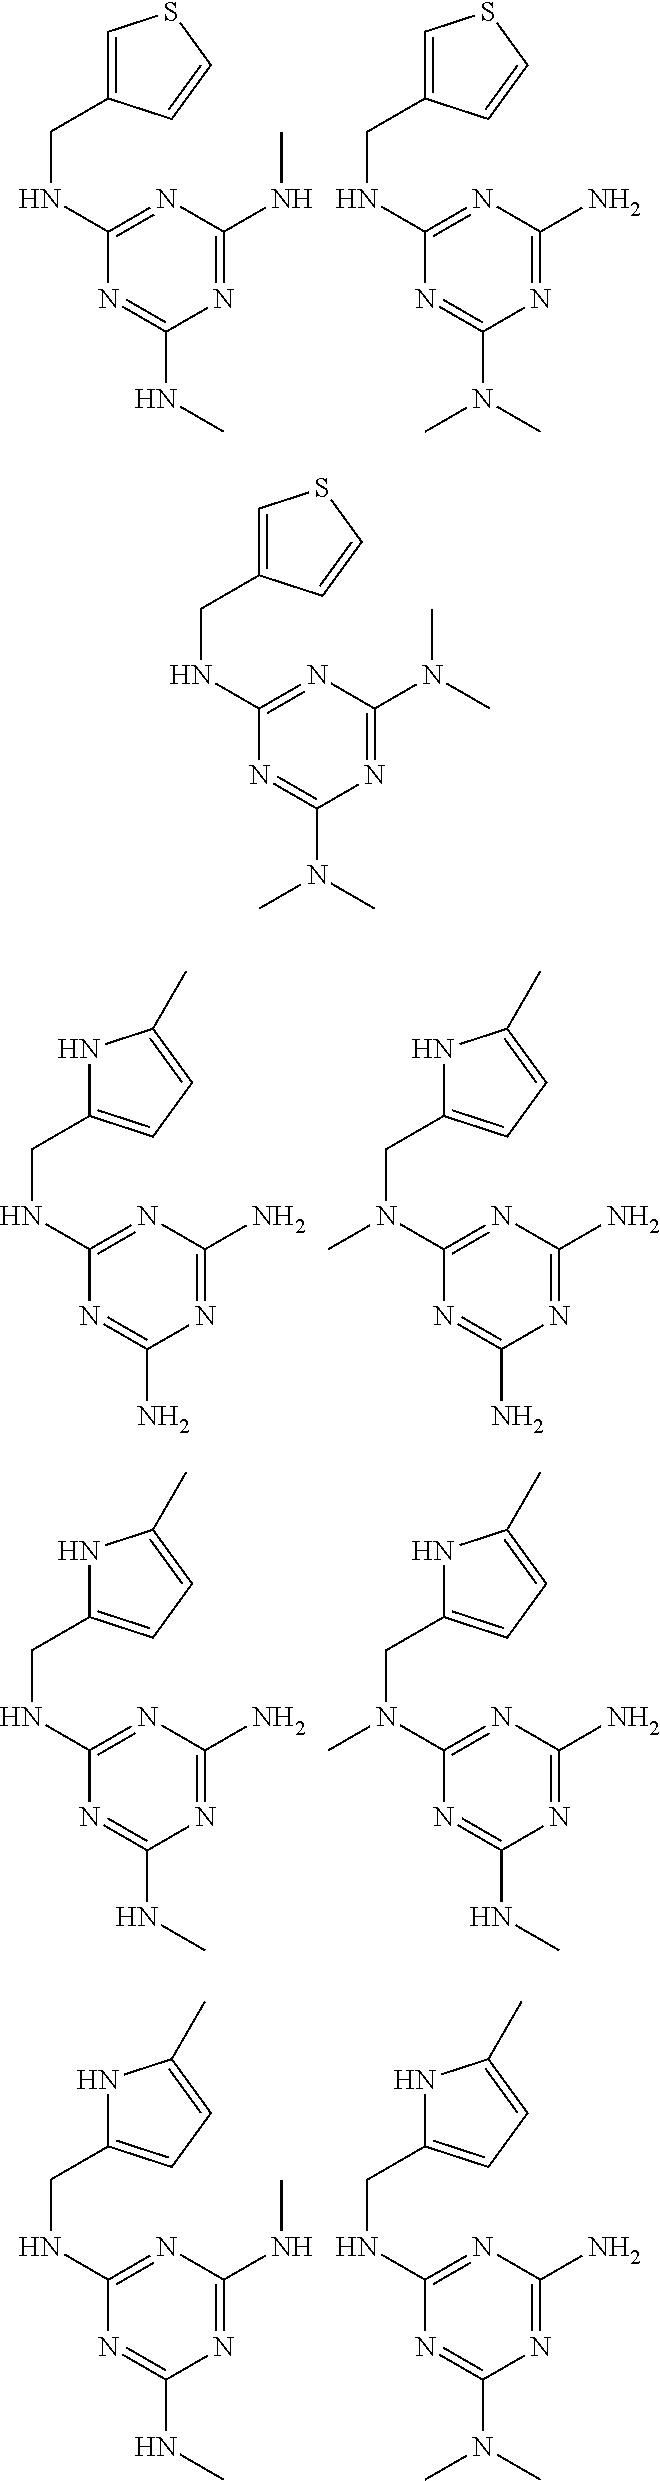 Figure US09480663-20161101-C00133